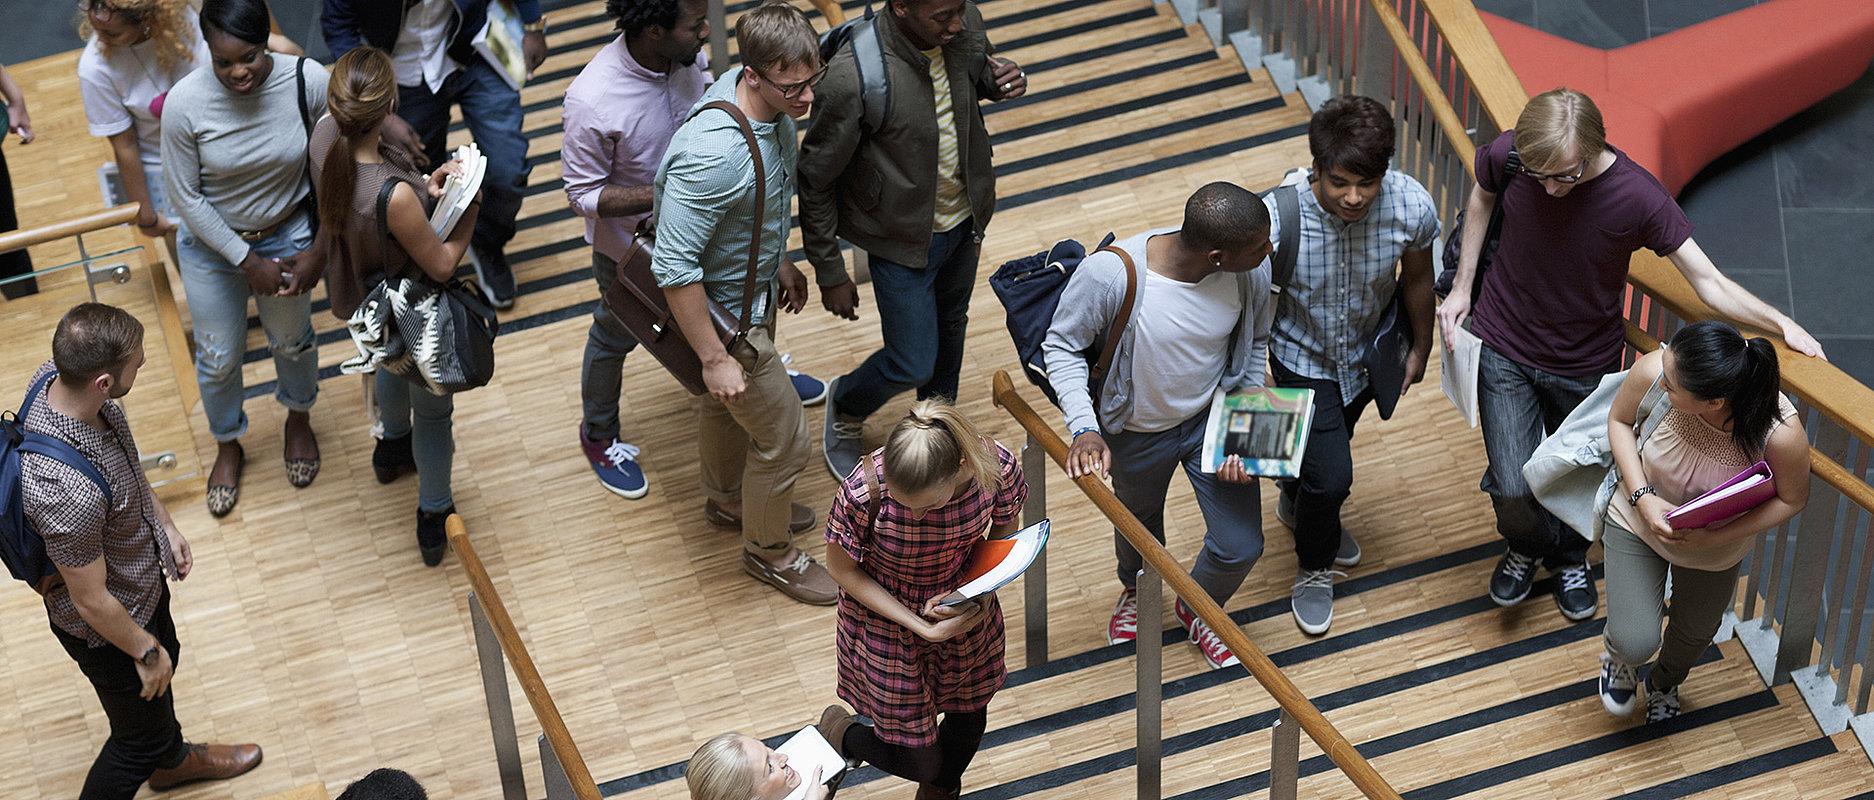 Etudiant-e-s dans les couloirs d'une haute école